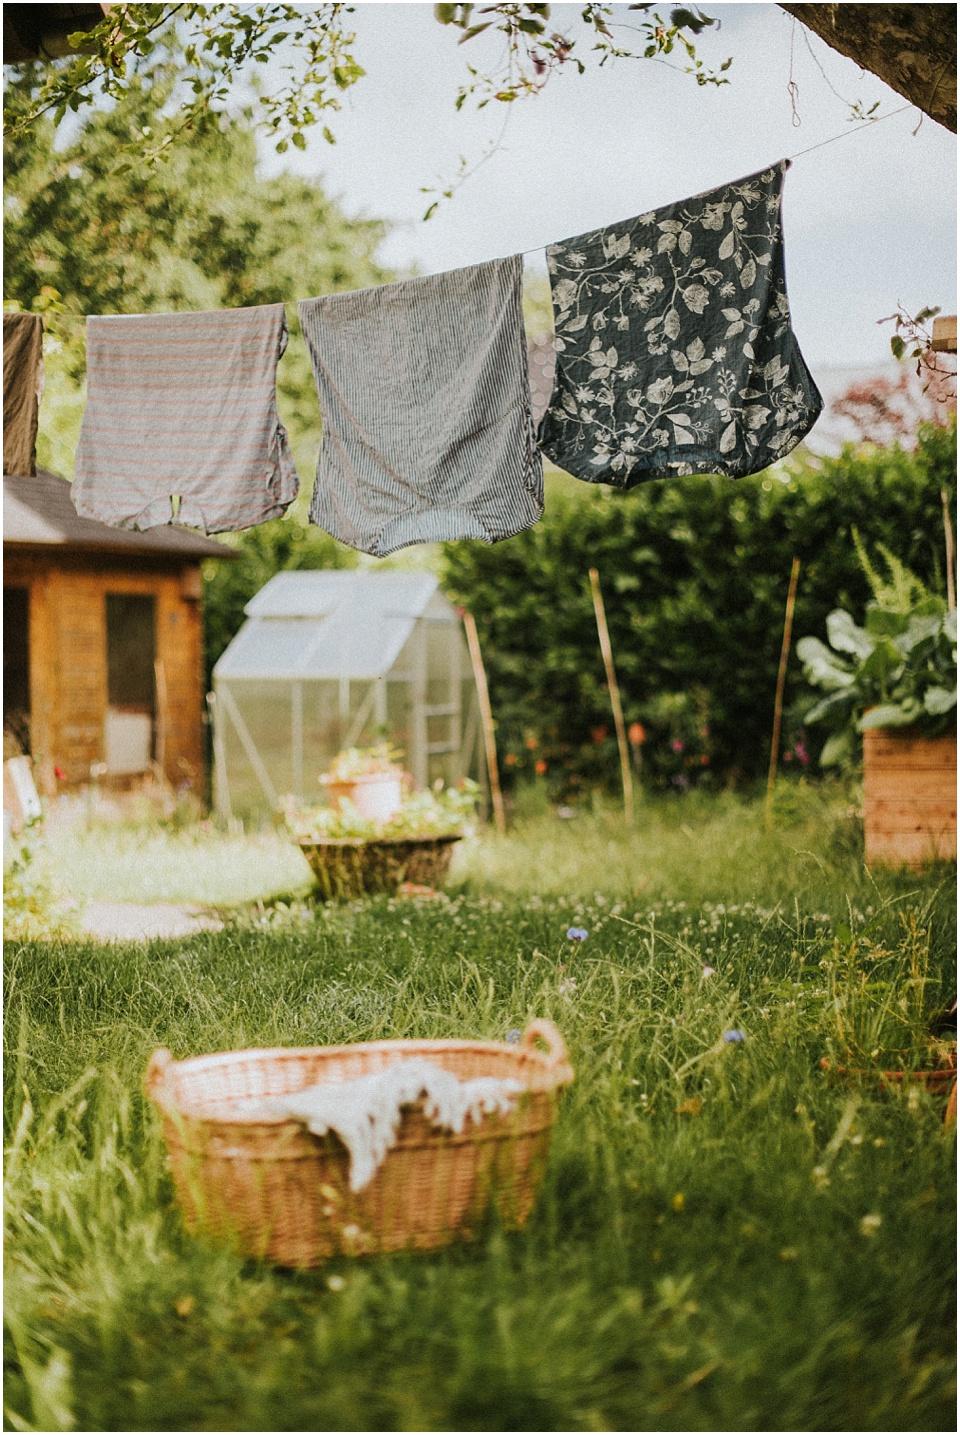 8 Tipps um nachhaltiger und energiesparender zu waschen